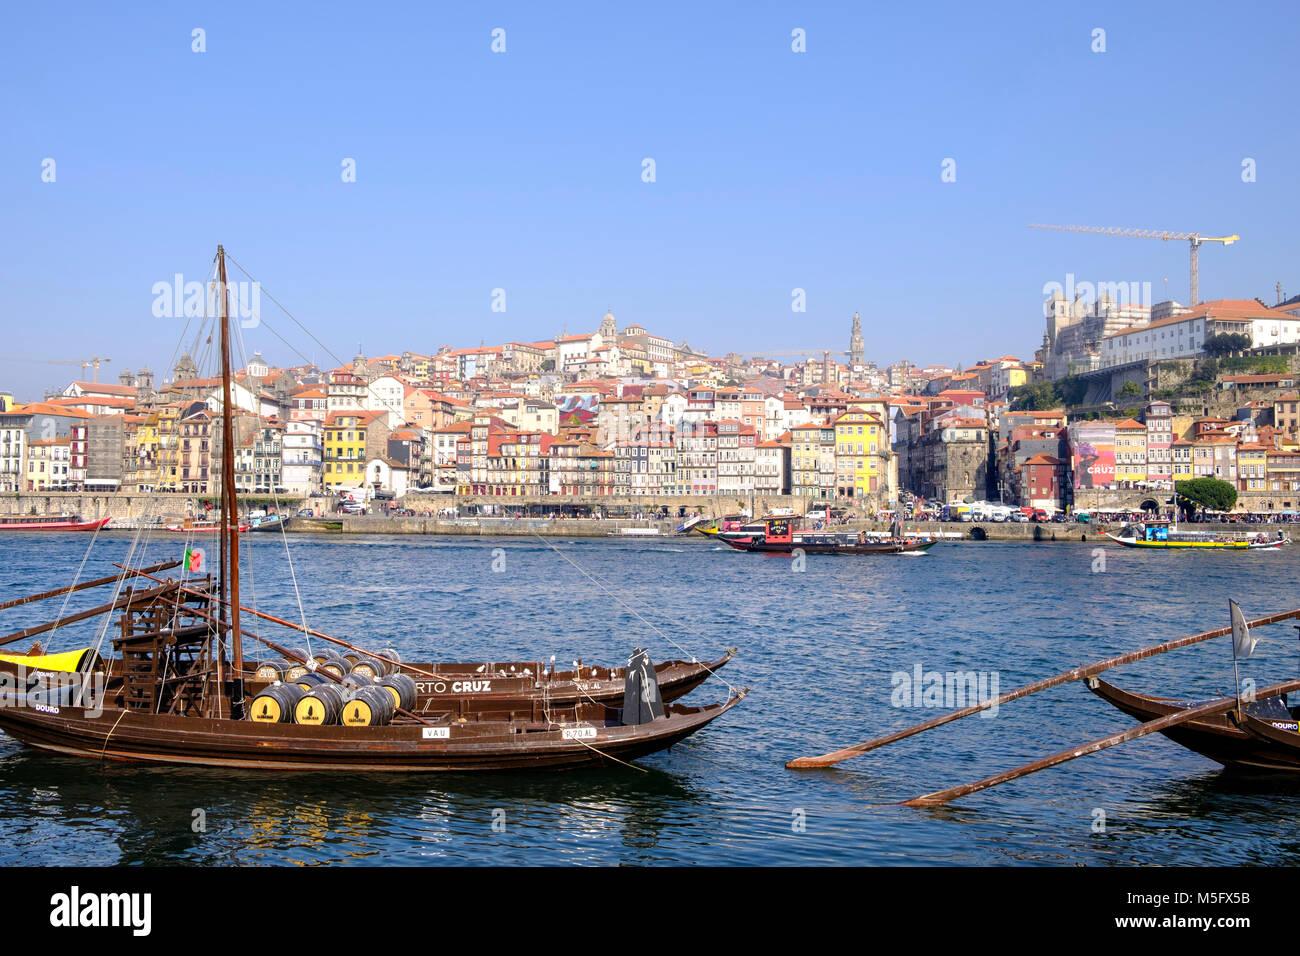 Douro River waterfront in Gaia with Barrio La Ribeira across river and Rabelo Boats, Porto, Porto Region, Portugal - Stock Image